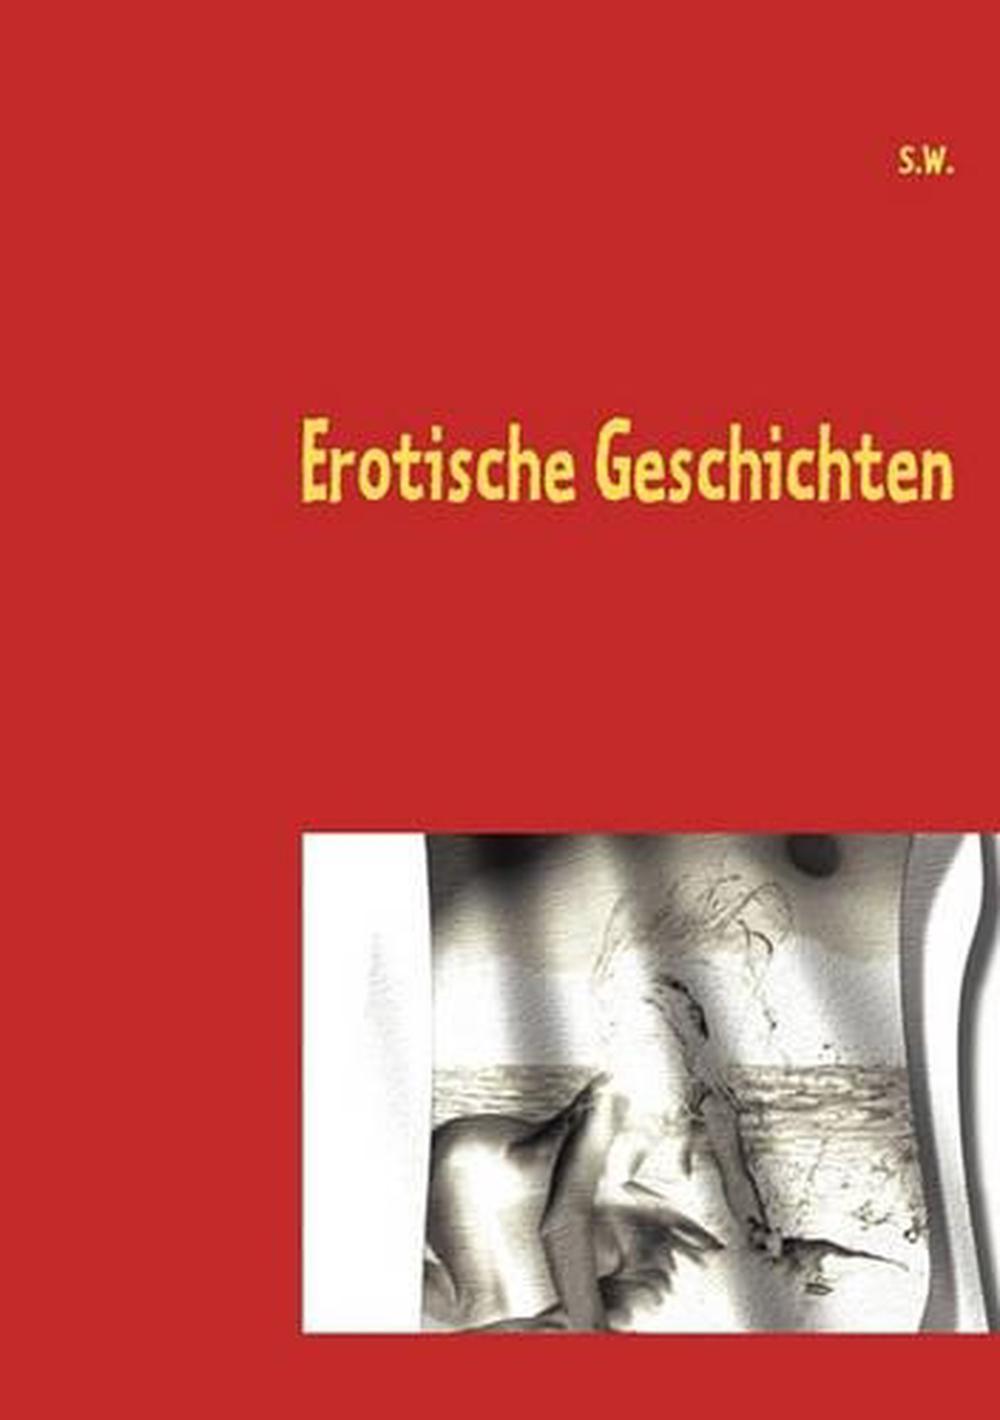 Erotische Geschichten: by Rainkissedrose by Susanne